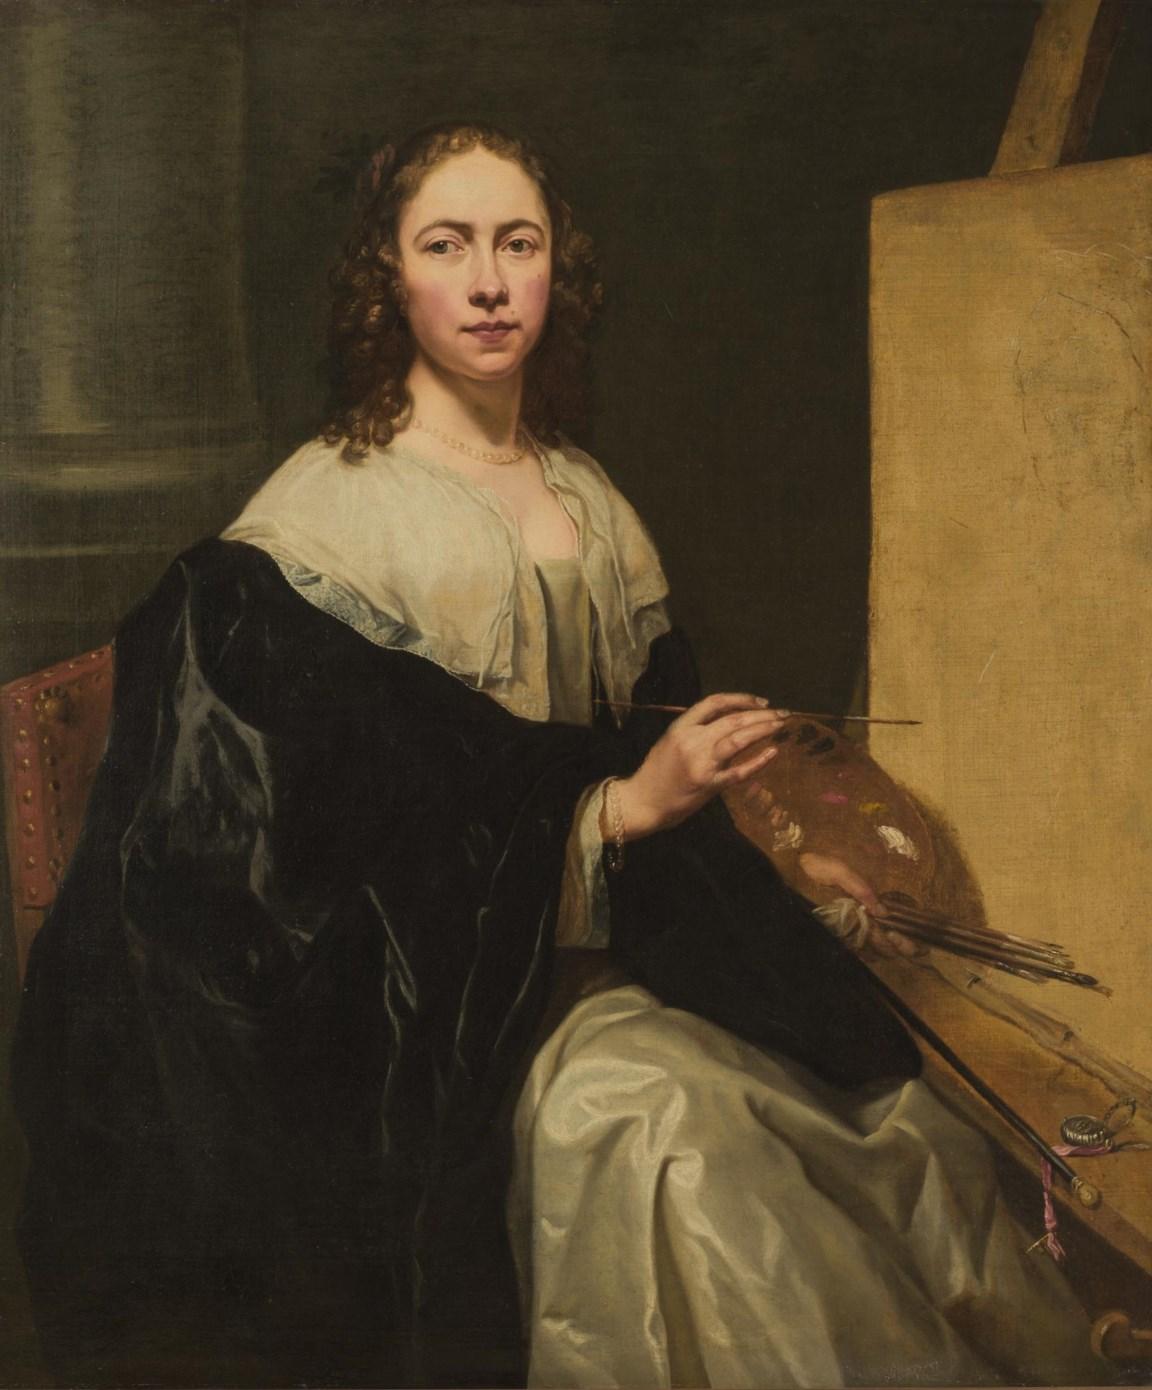 Ann Van Den Broeck Naakt girlpower in de barok - de standaard